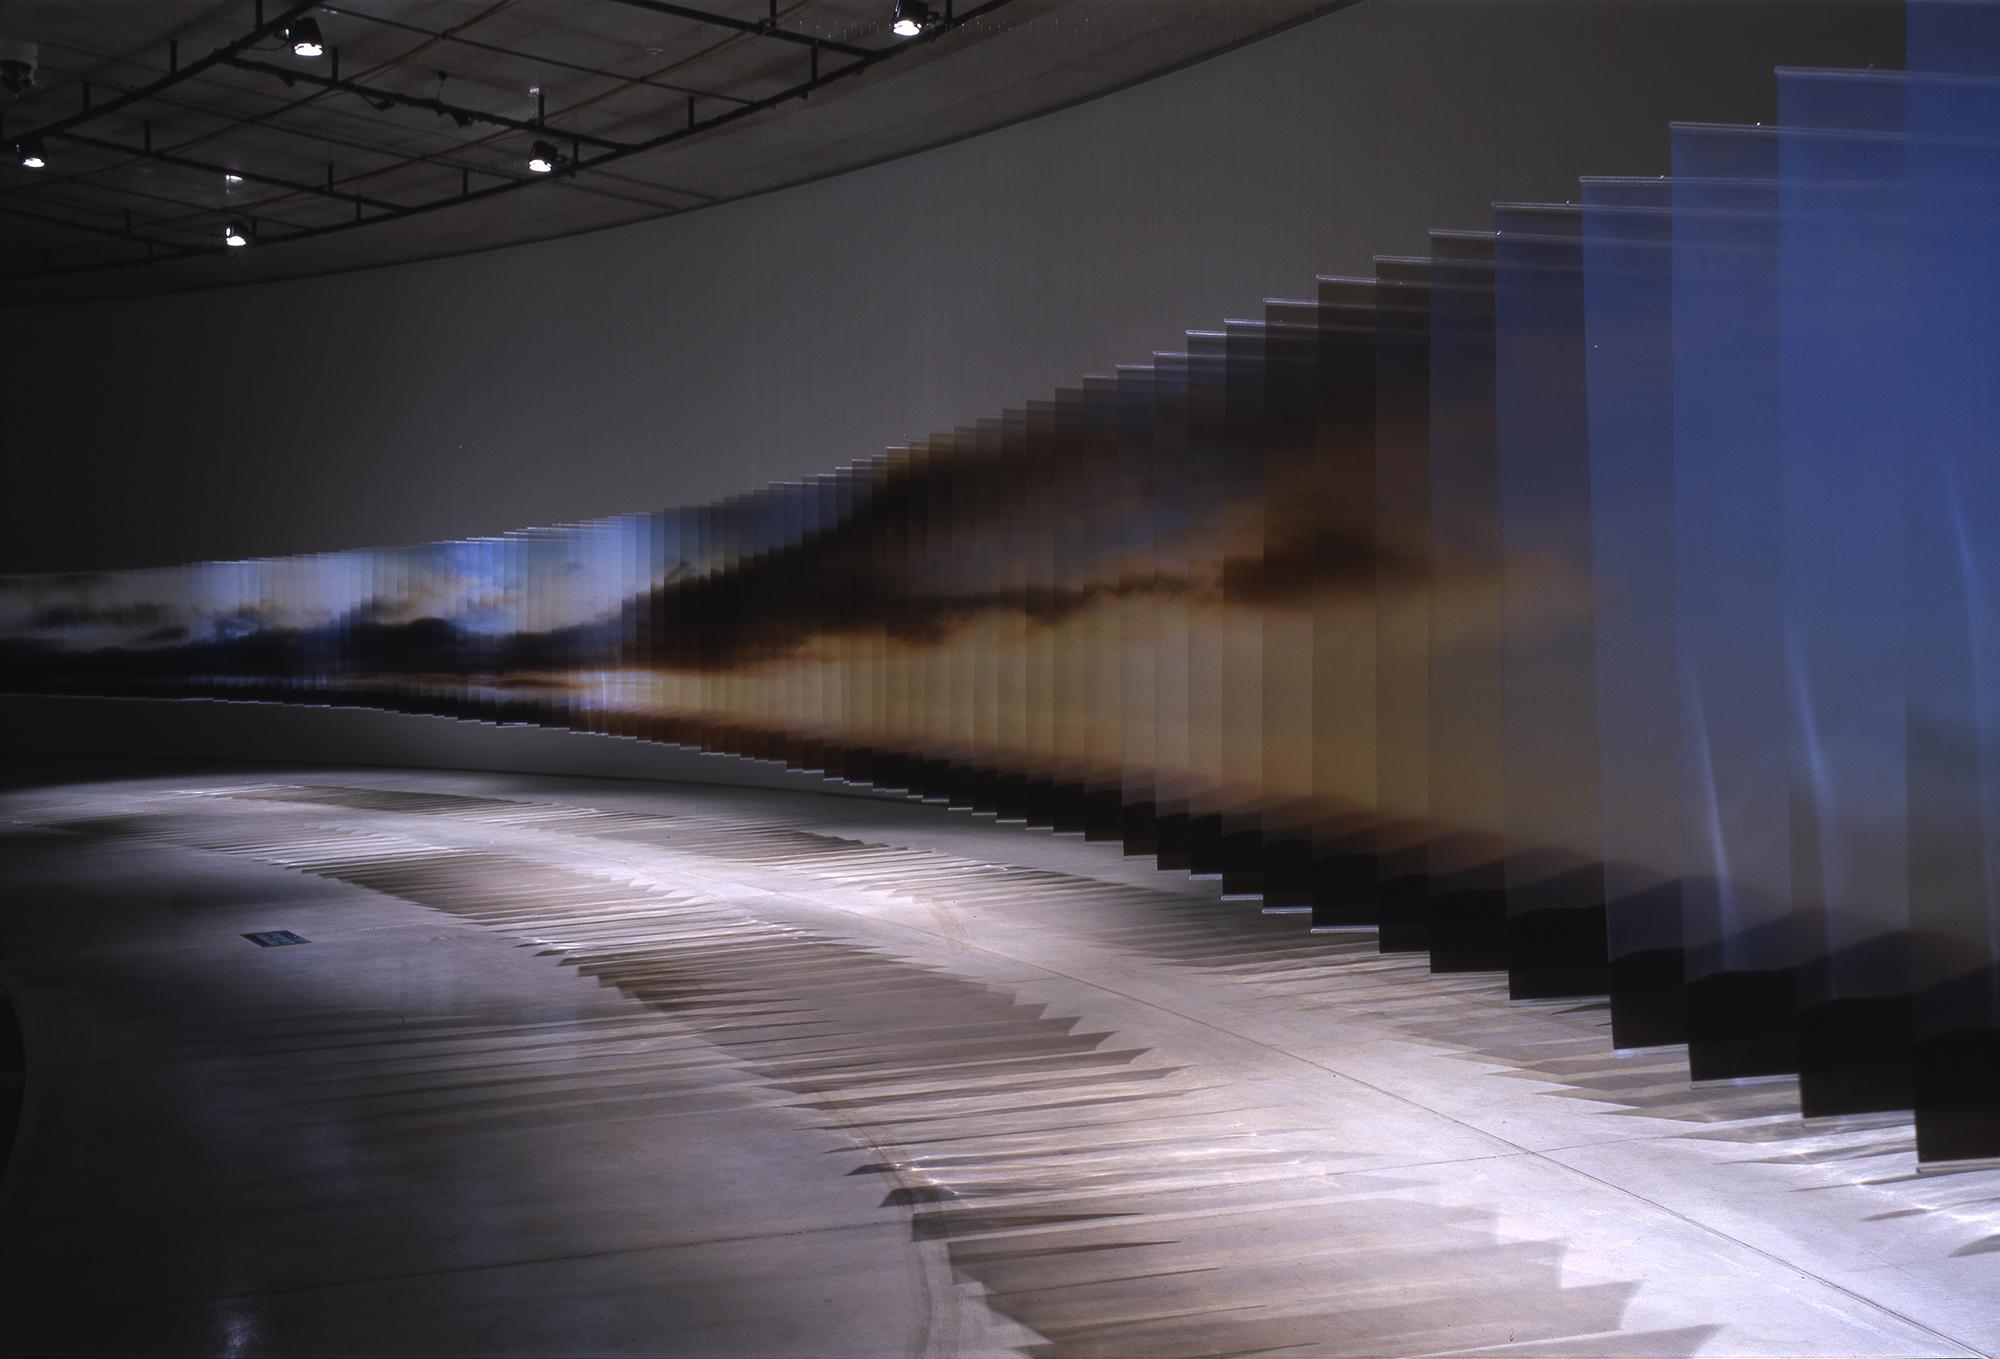 El tiempo en perspectiva de Nakanishi y sus Layer Drawings